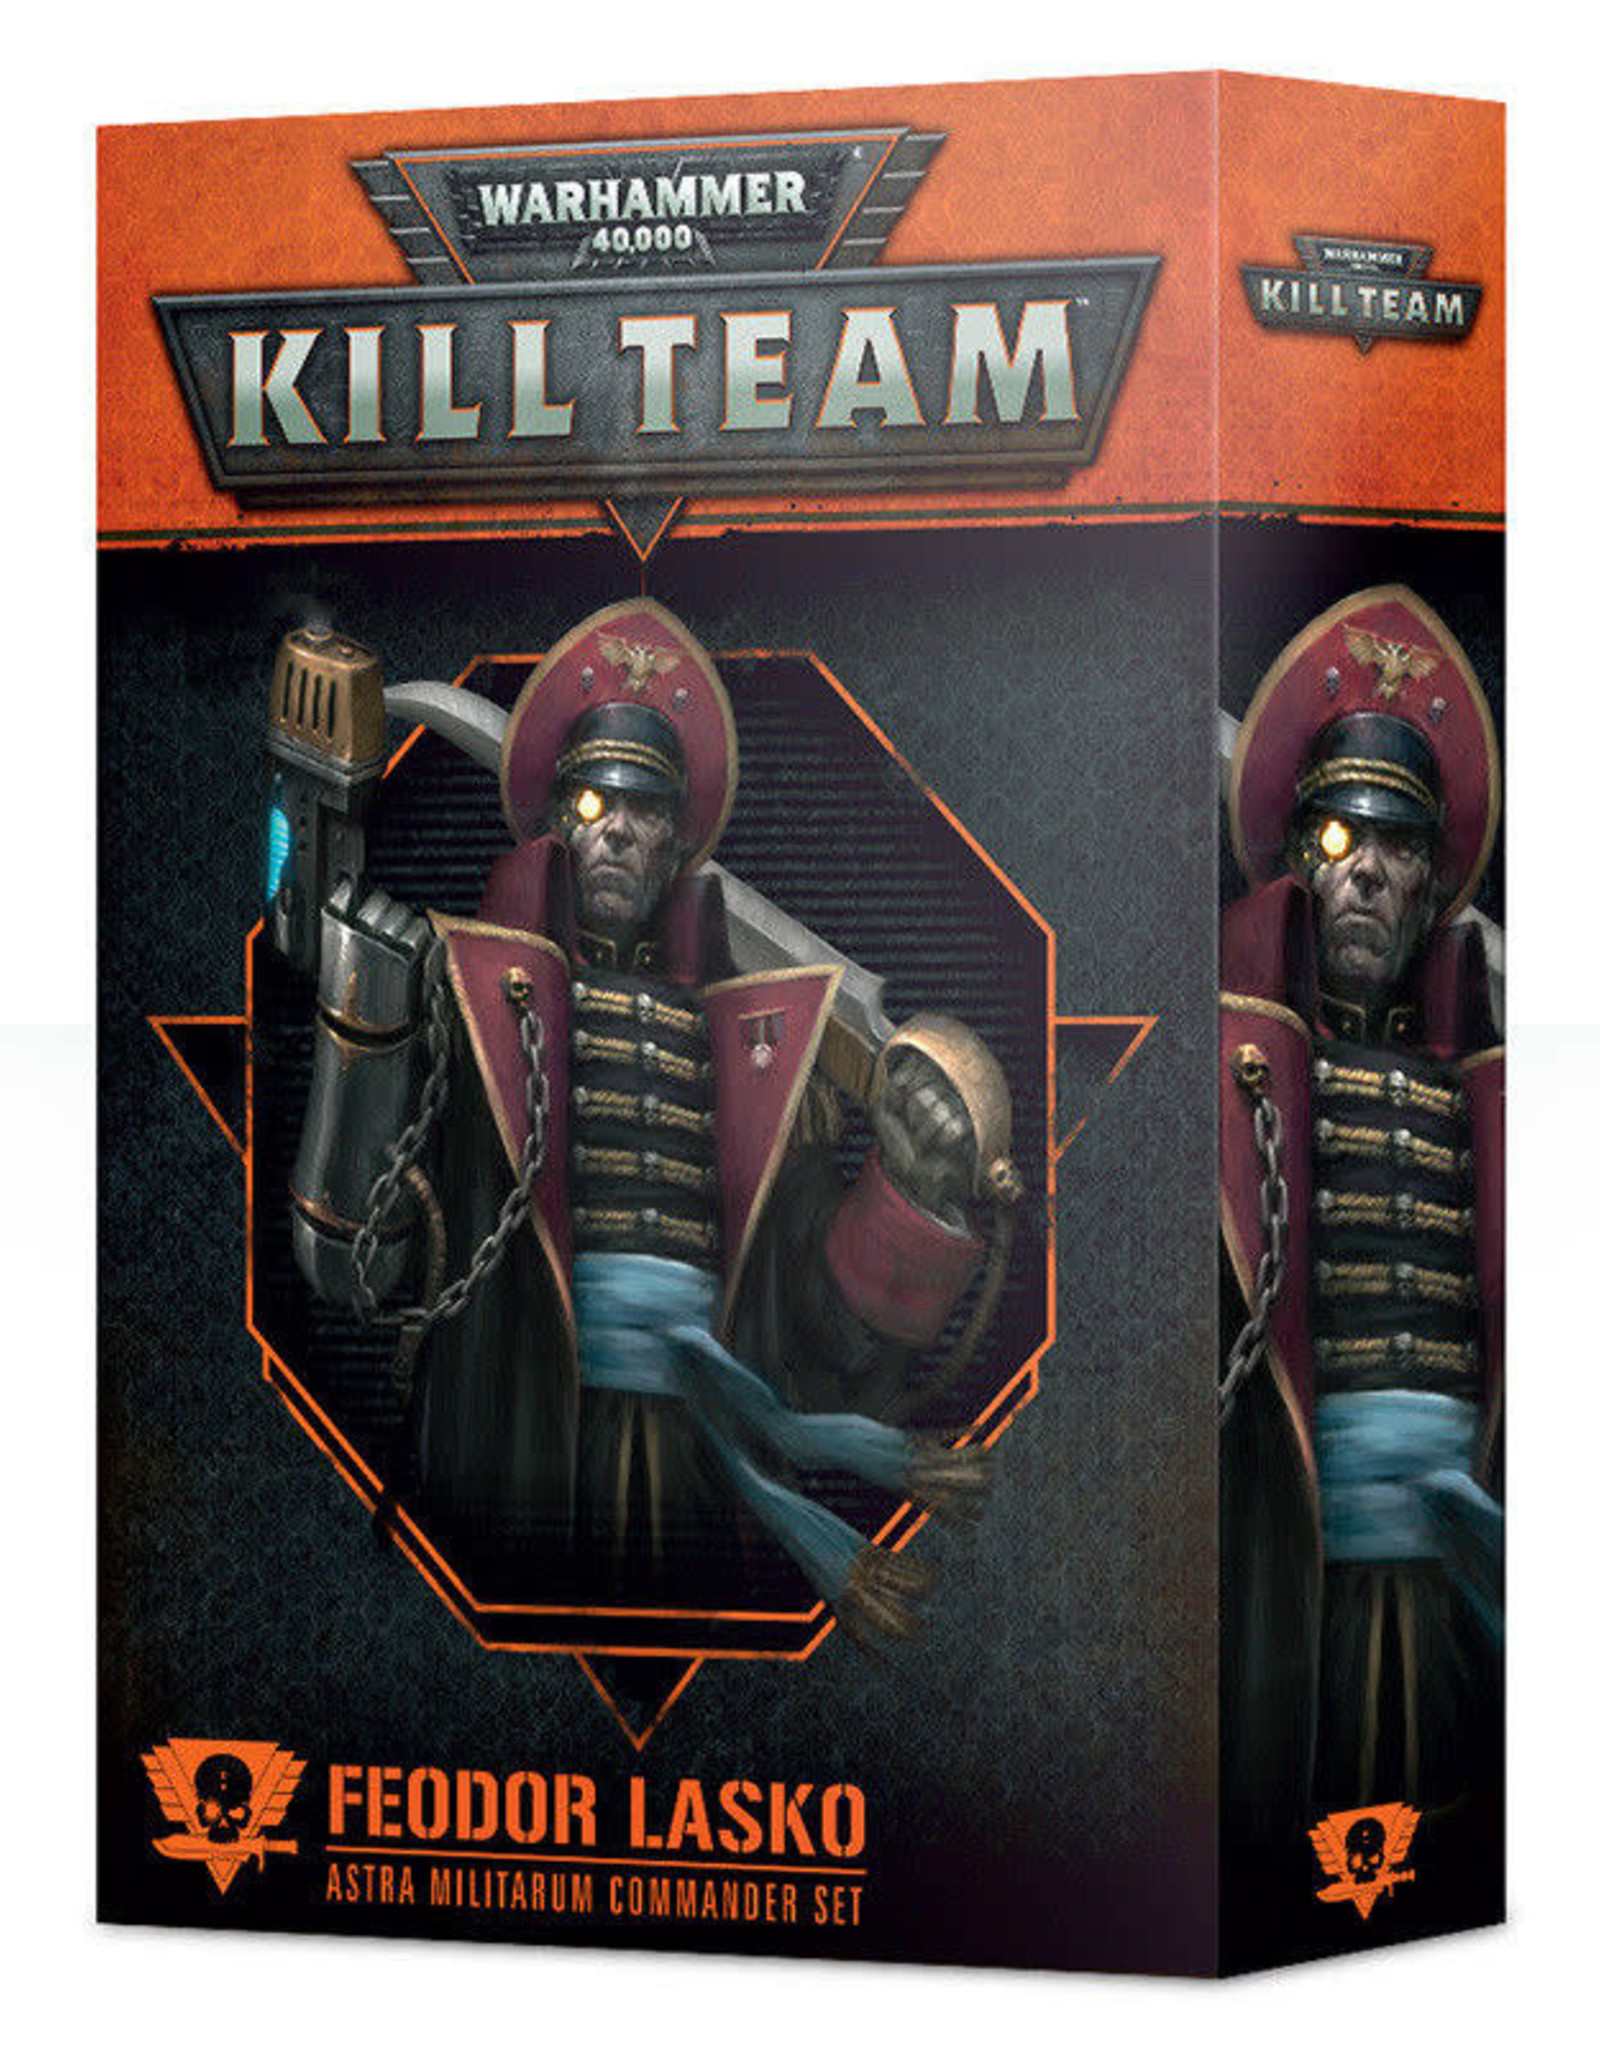 Kill Team Kill Team: Feodor Lasko